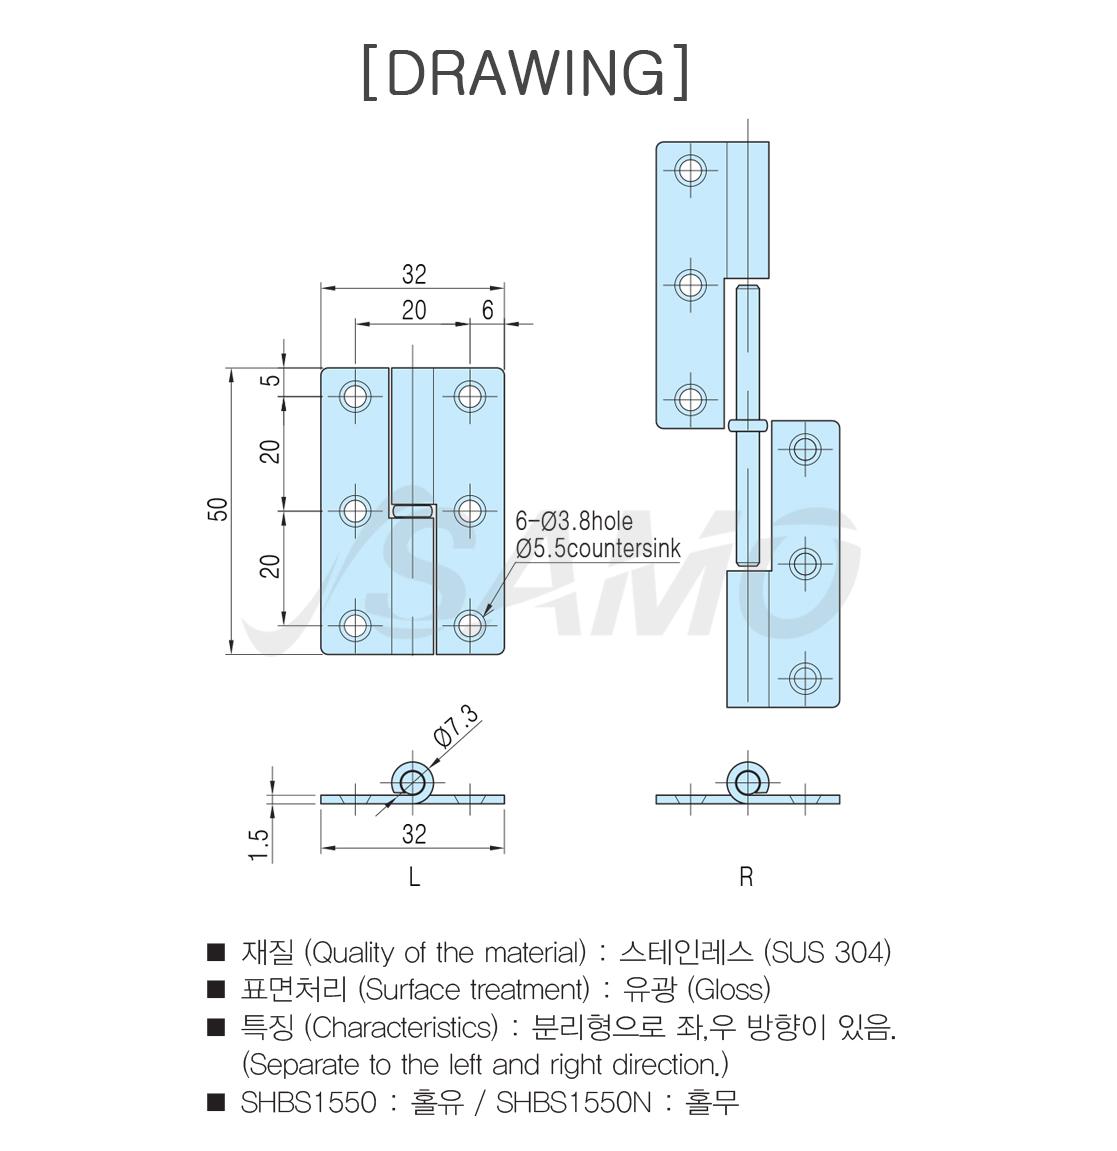 A129_SHBS-1550(N)_2.jpg